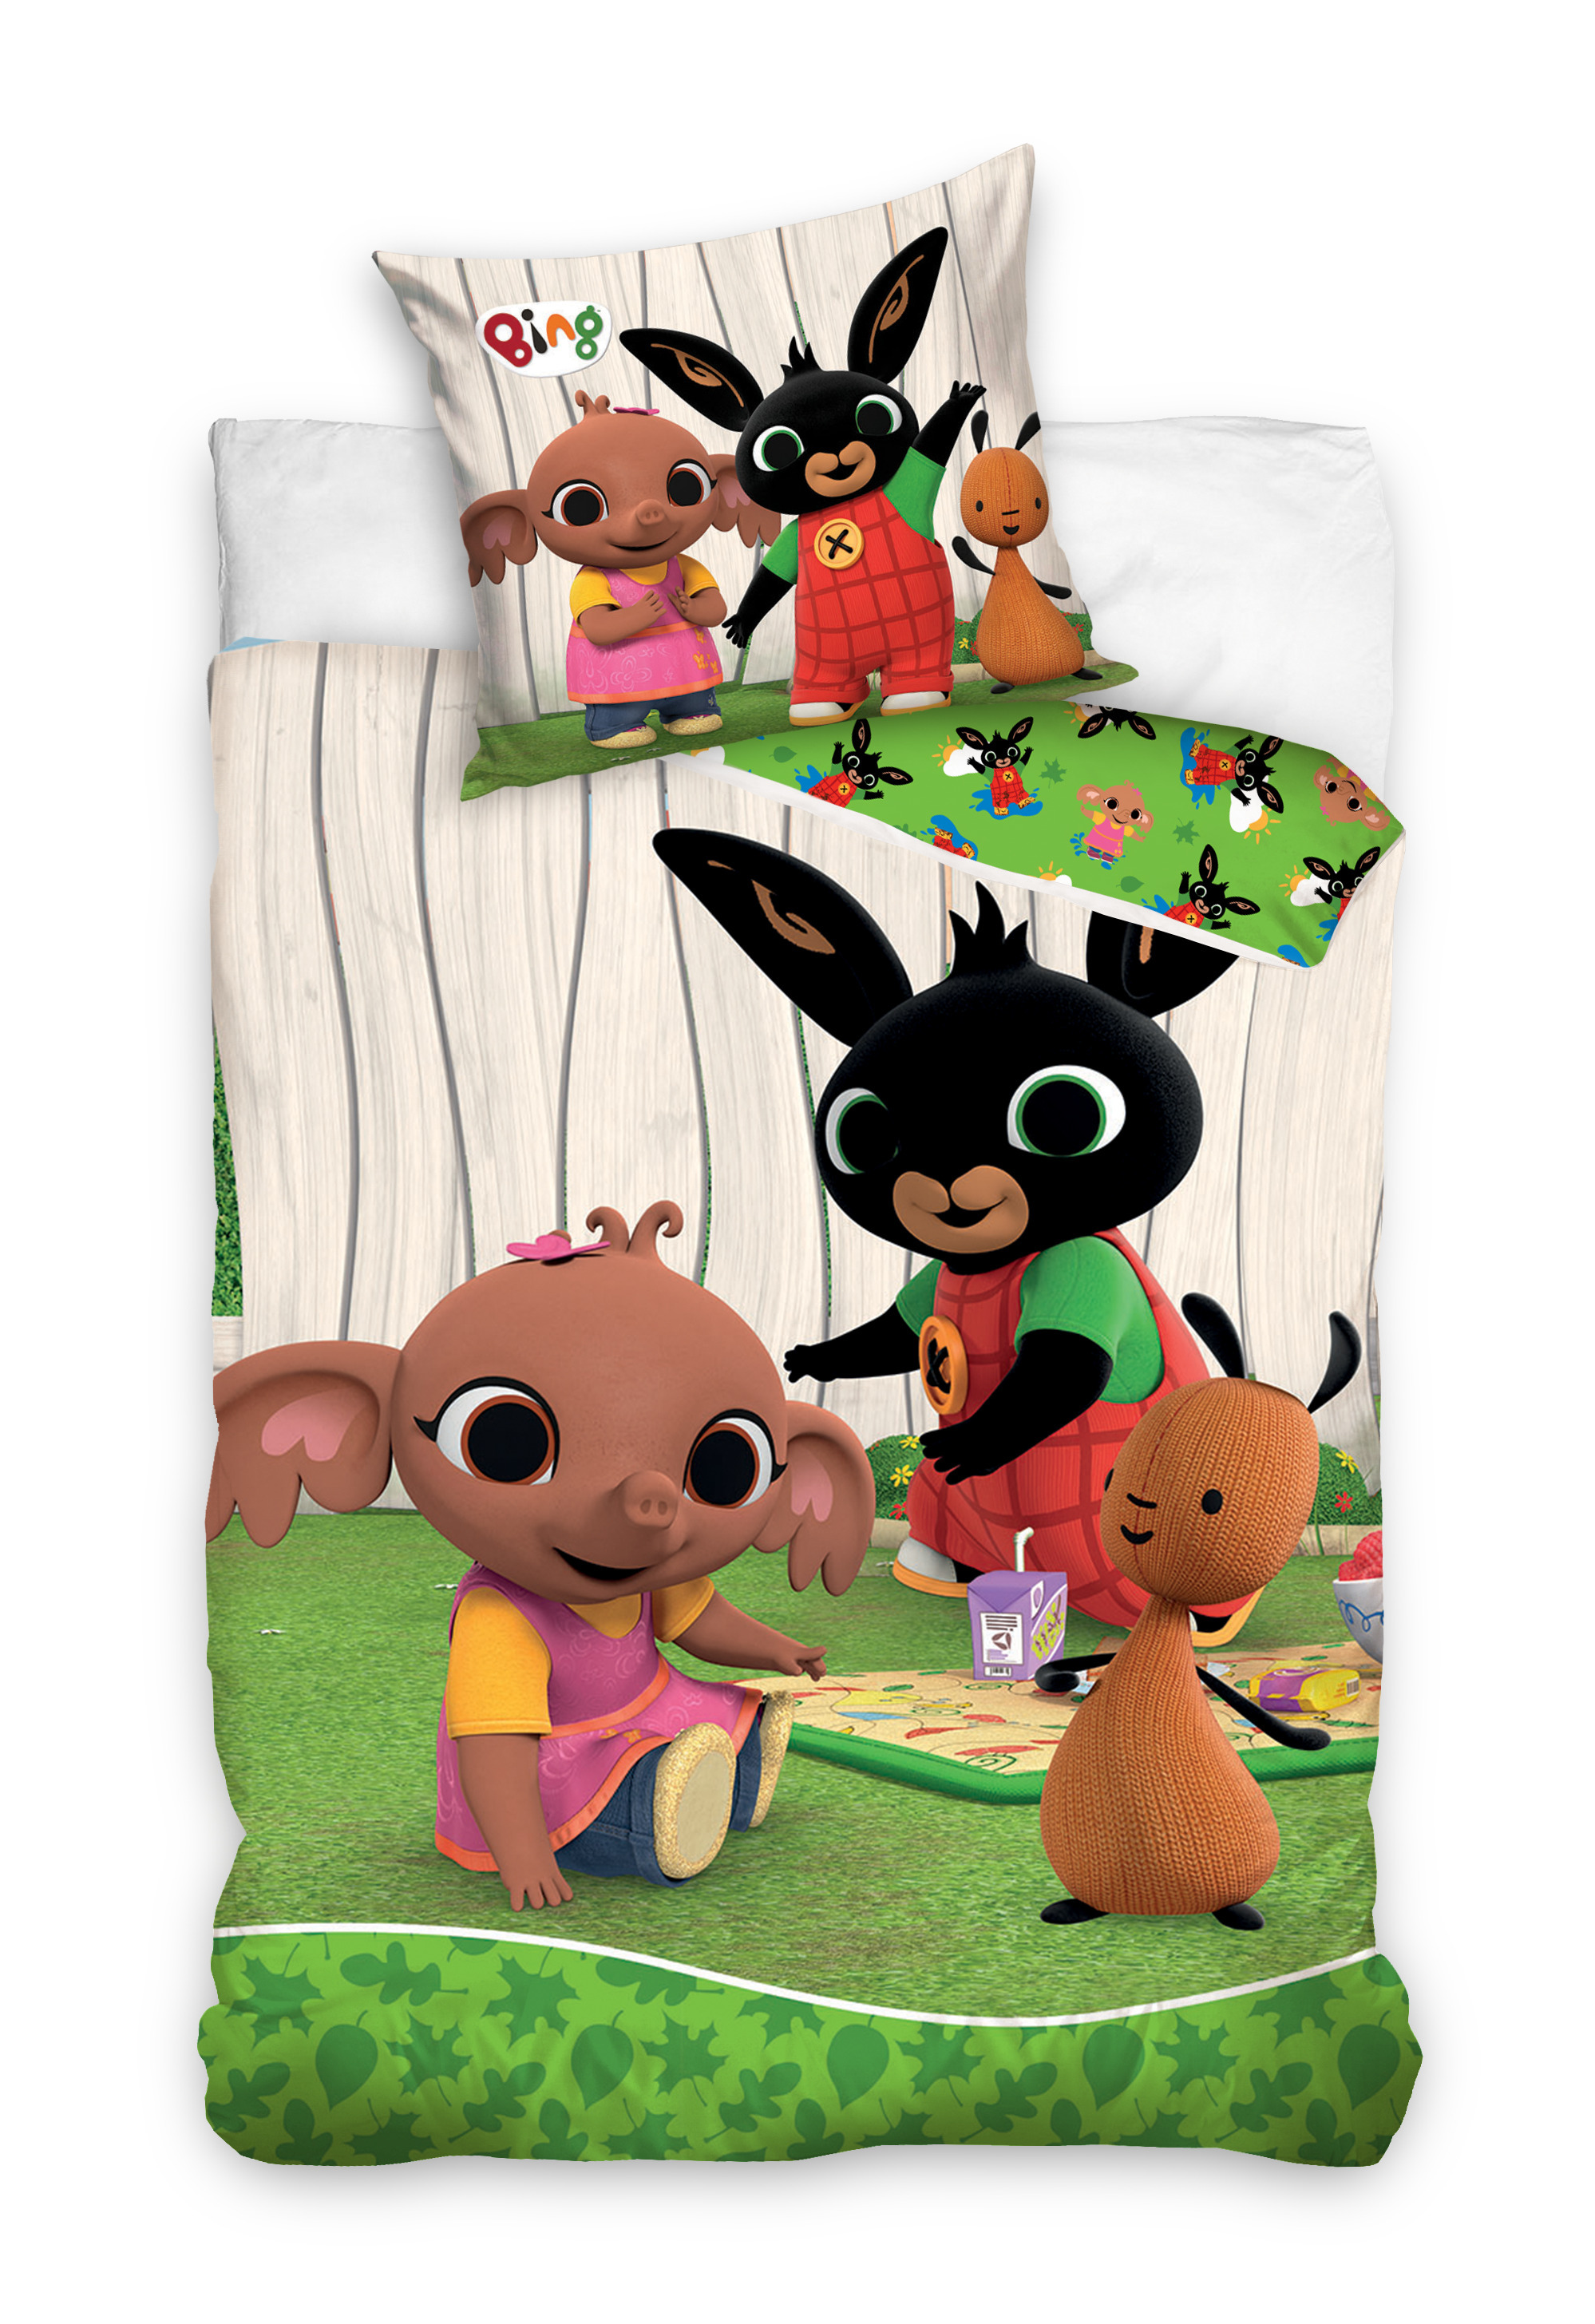 53.1 x 39.3 inch Bing Bed Linen//Childrens Bed Linen Baby Duvet Set Bing Bunny Bed Linen,Toddler Bed Duvet Cover Set Official Licensed